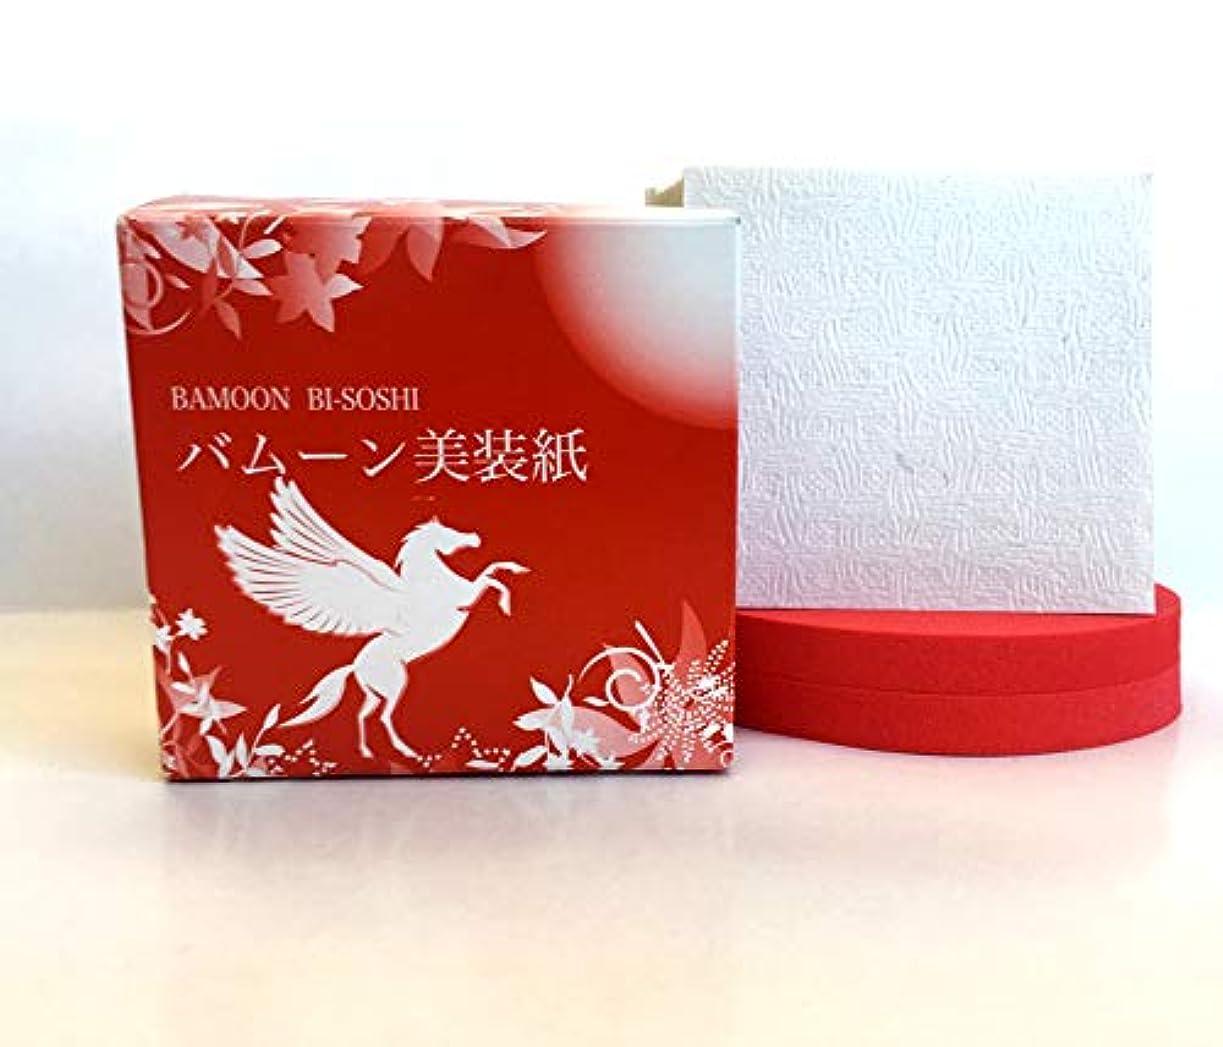 満足全くラテンスターアベニュー バムーン美装紙 60枚入 和紙洗顔 ゼオライト トルマリン配合